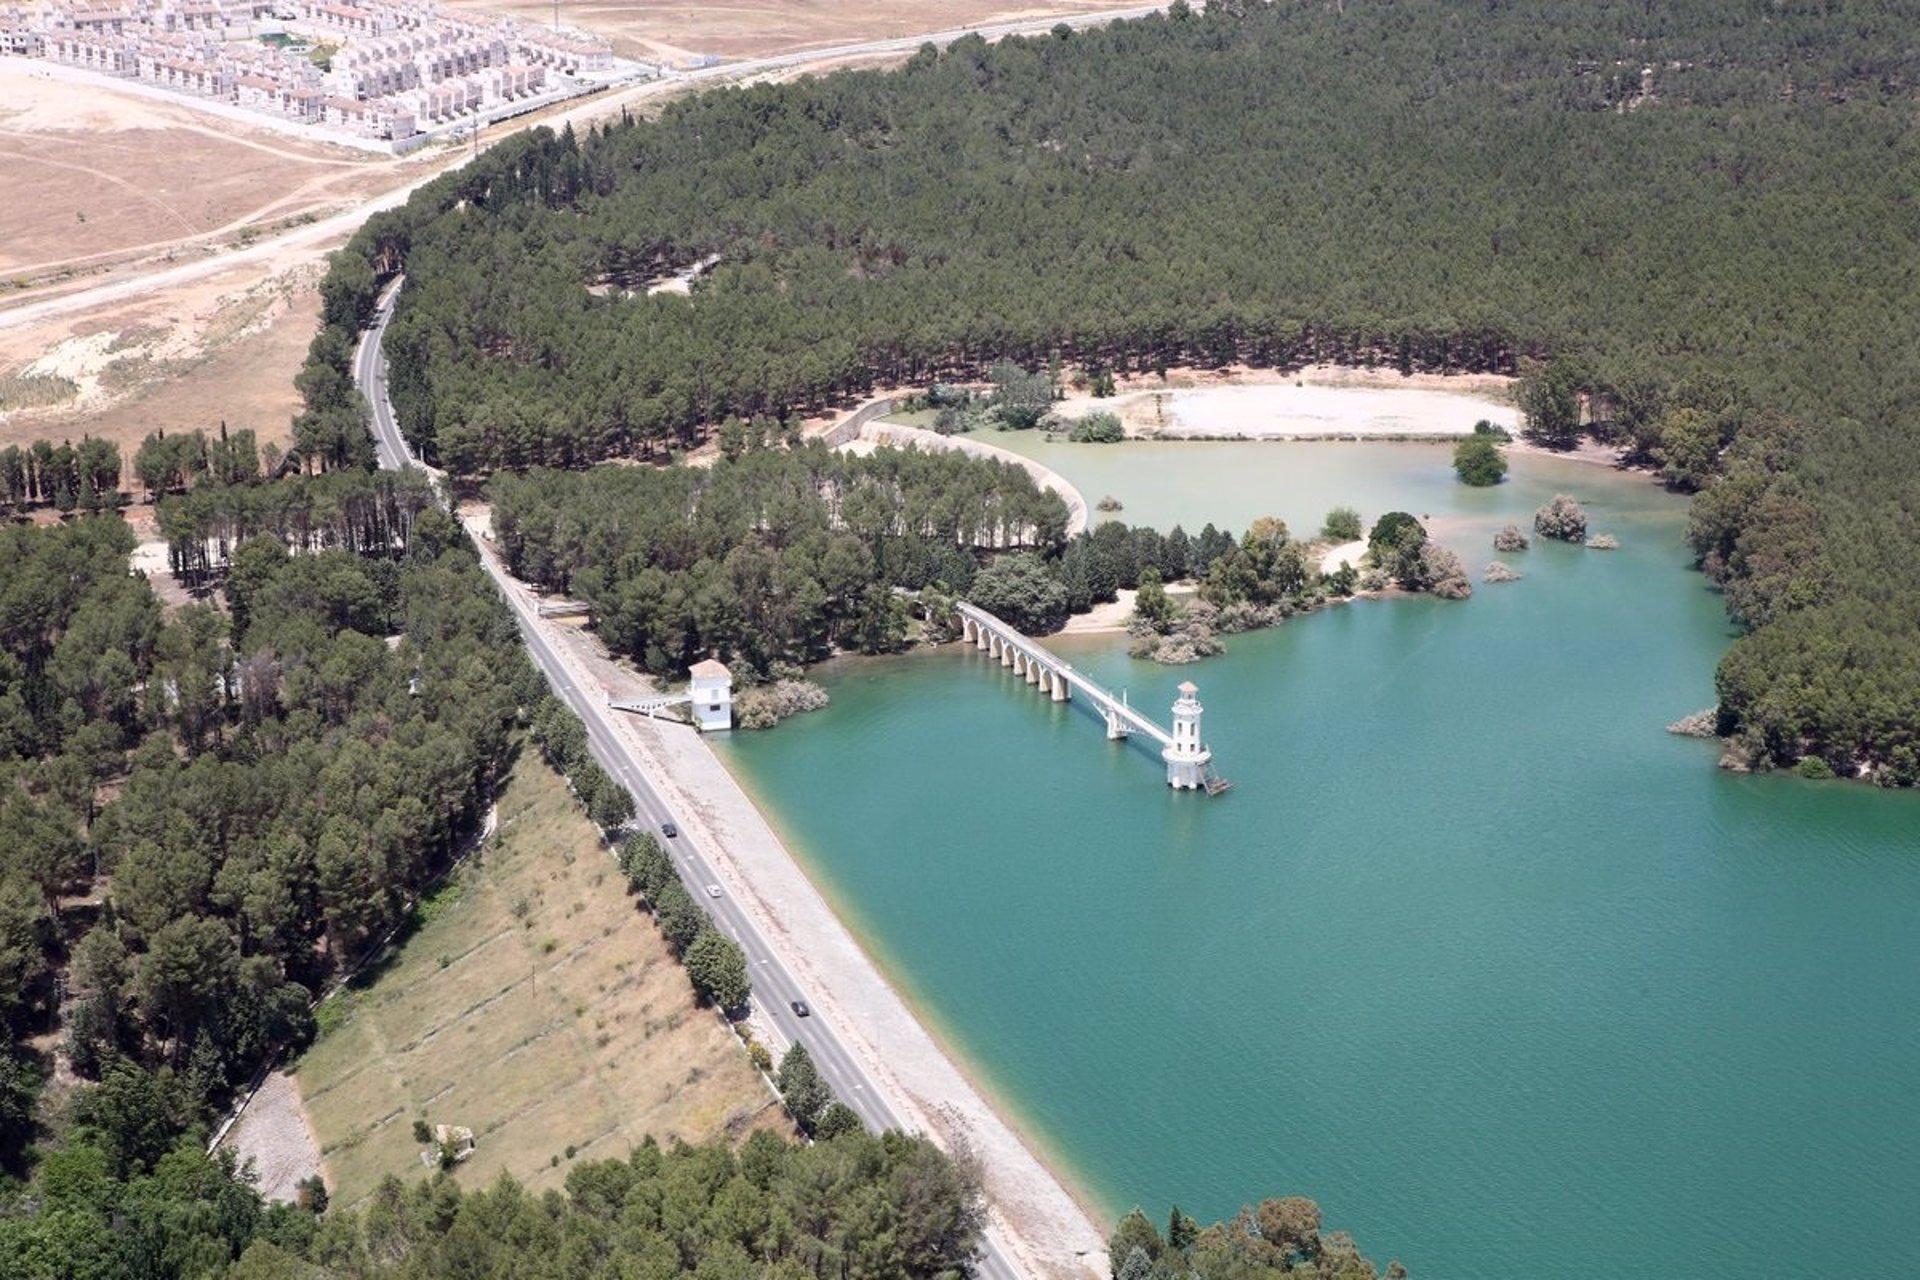 La CHG adjudica por 118.000 euros el mantenimiento de la zona recreativa y forestal del Cubillas